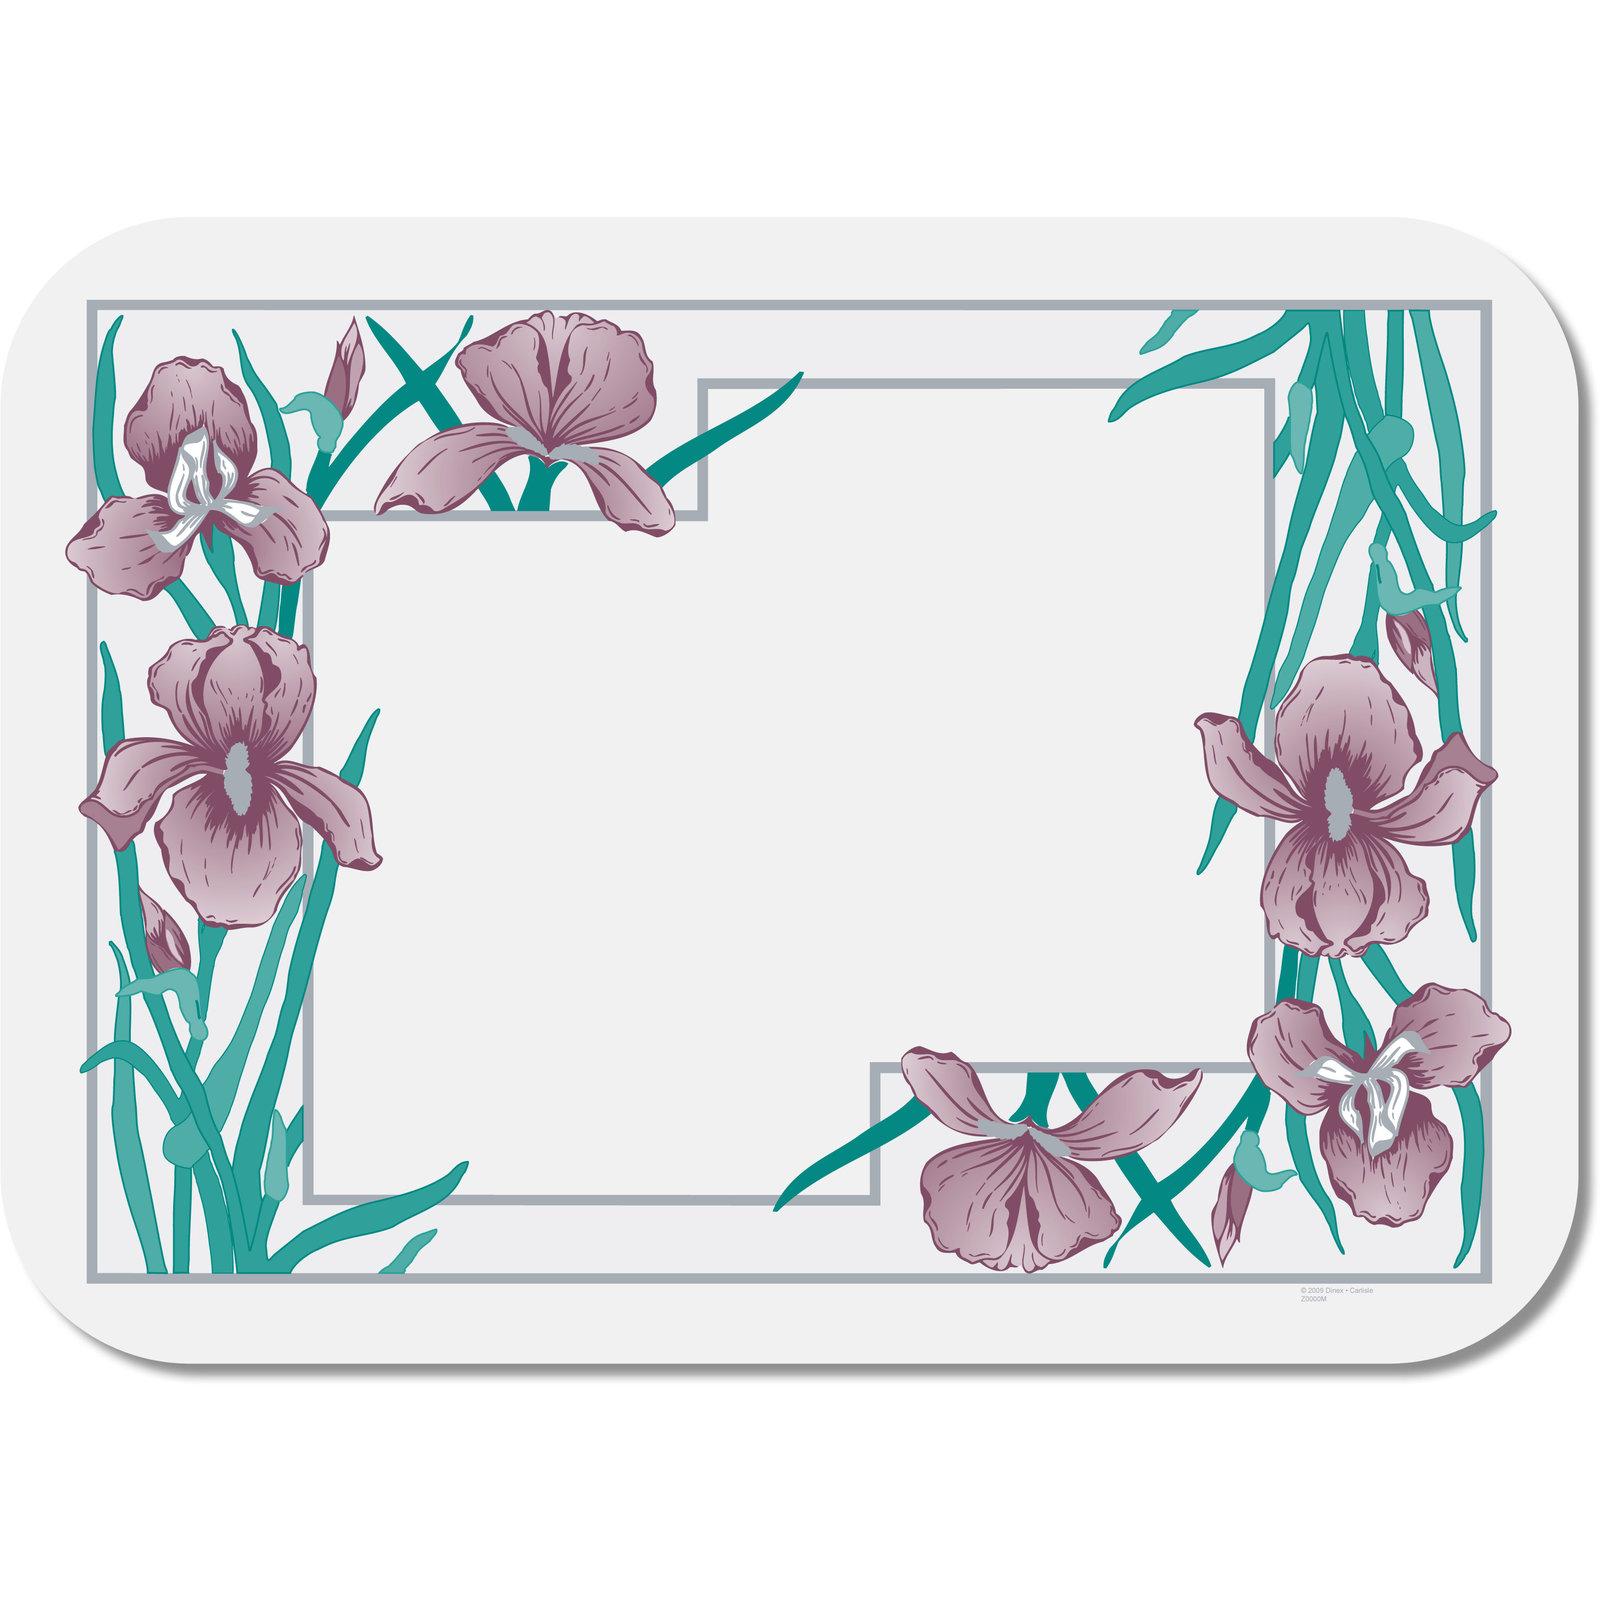 DX5081M202733   Iris Garden Design Tray Cover Size: M W/ Straight  Edge/Round Corner 13 5/8